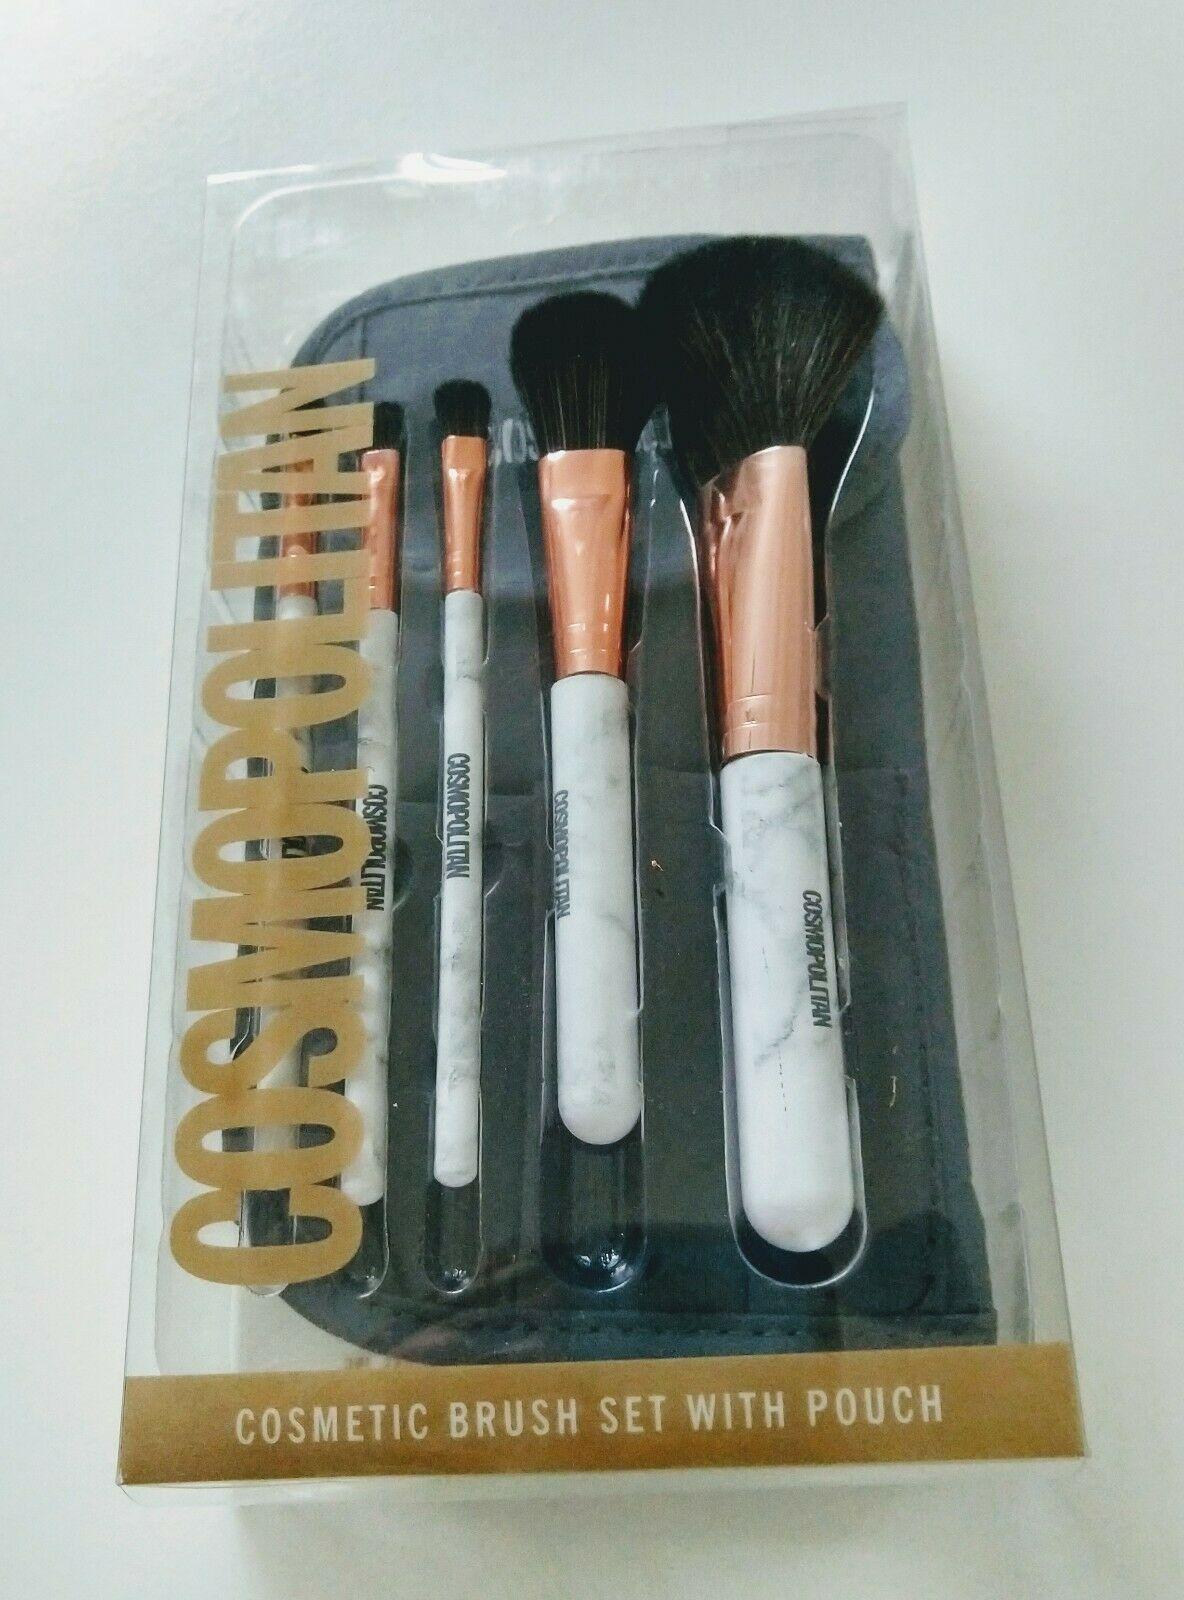 Cosmopolitan Makeup Brush Sets Duo brush set, Jewel brush